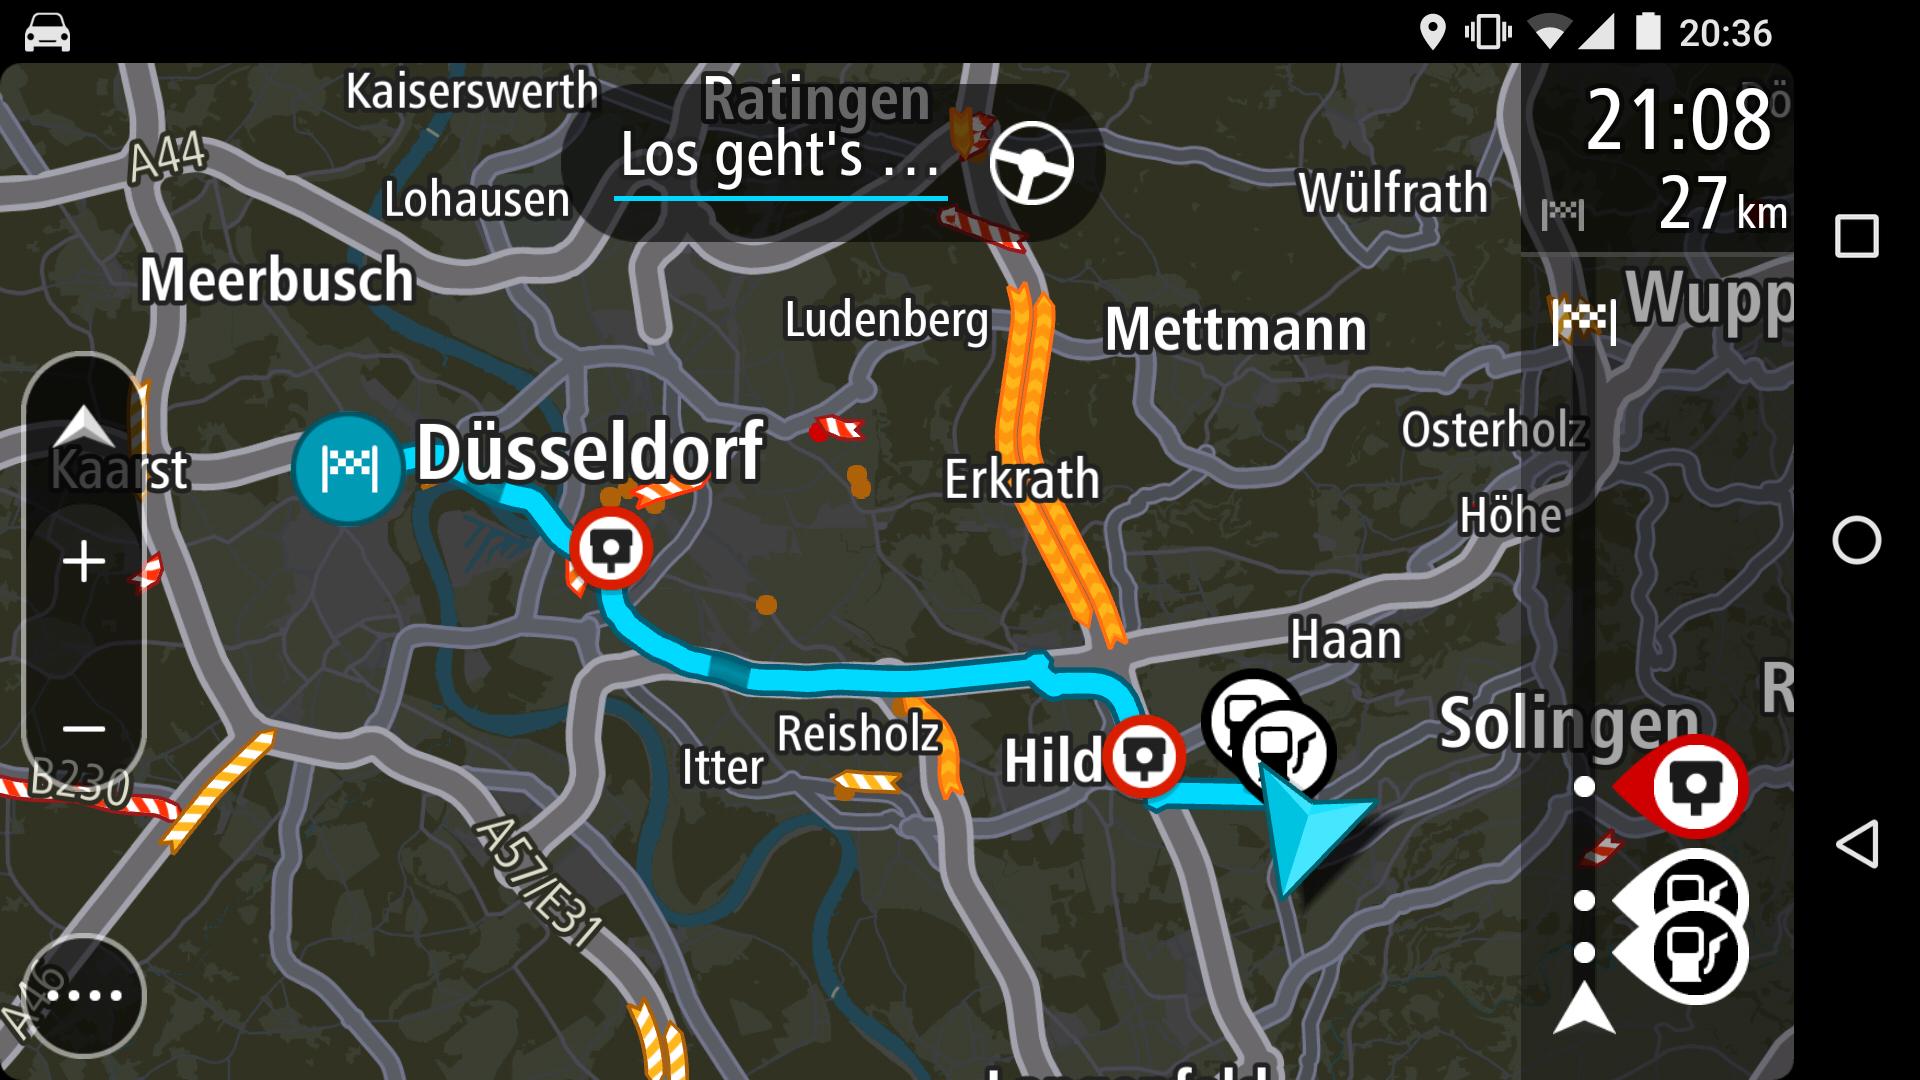 TomTom GO: Android-User navigieren für 20 Euro pro Jahr